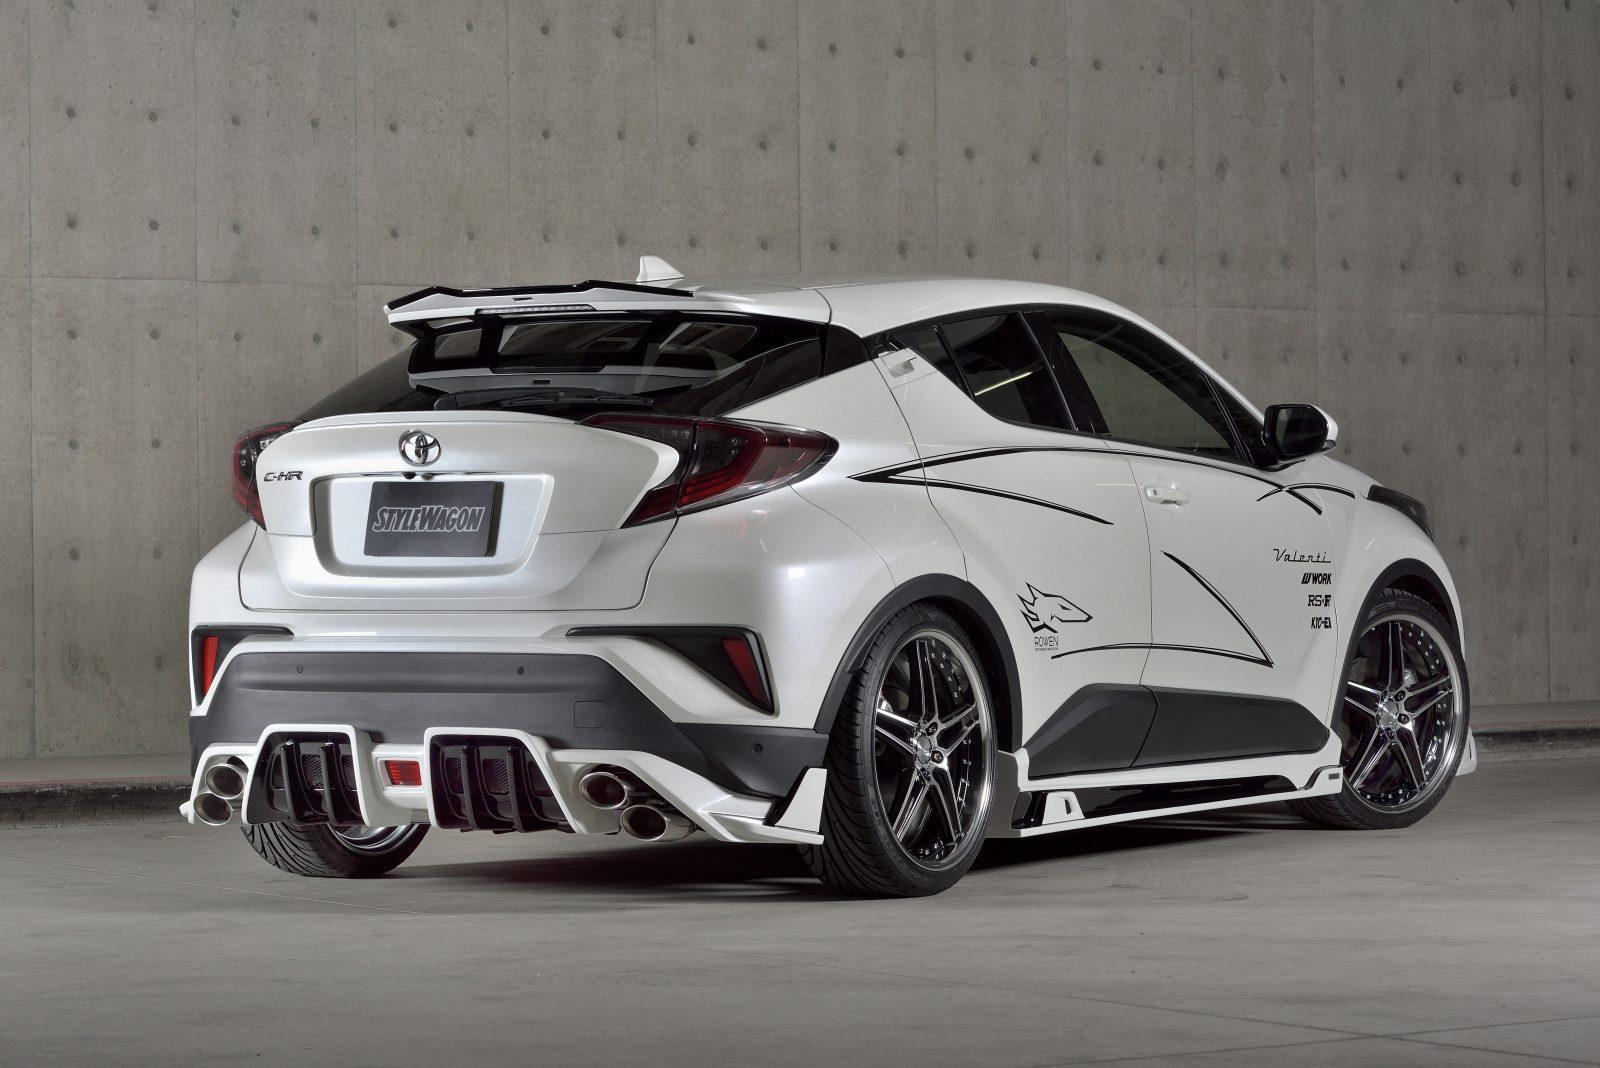 Toyota C-HR by Rowen (2)